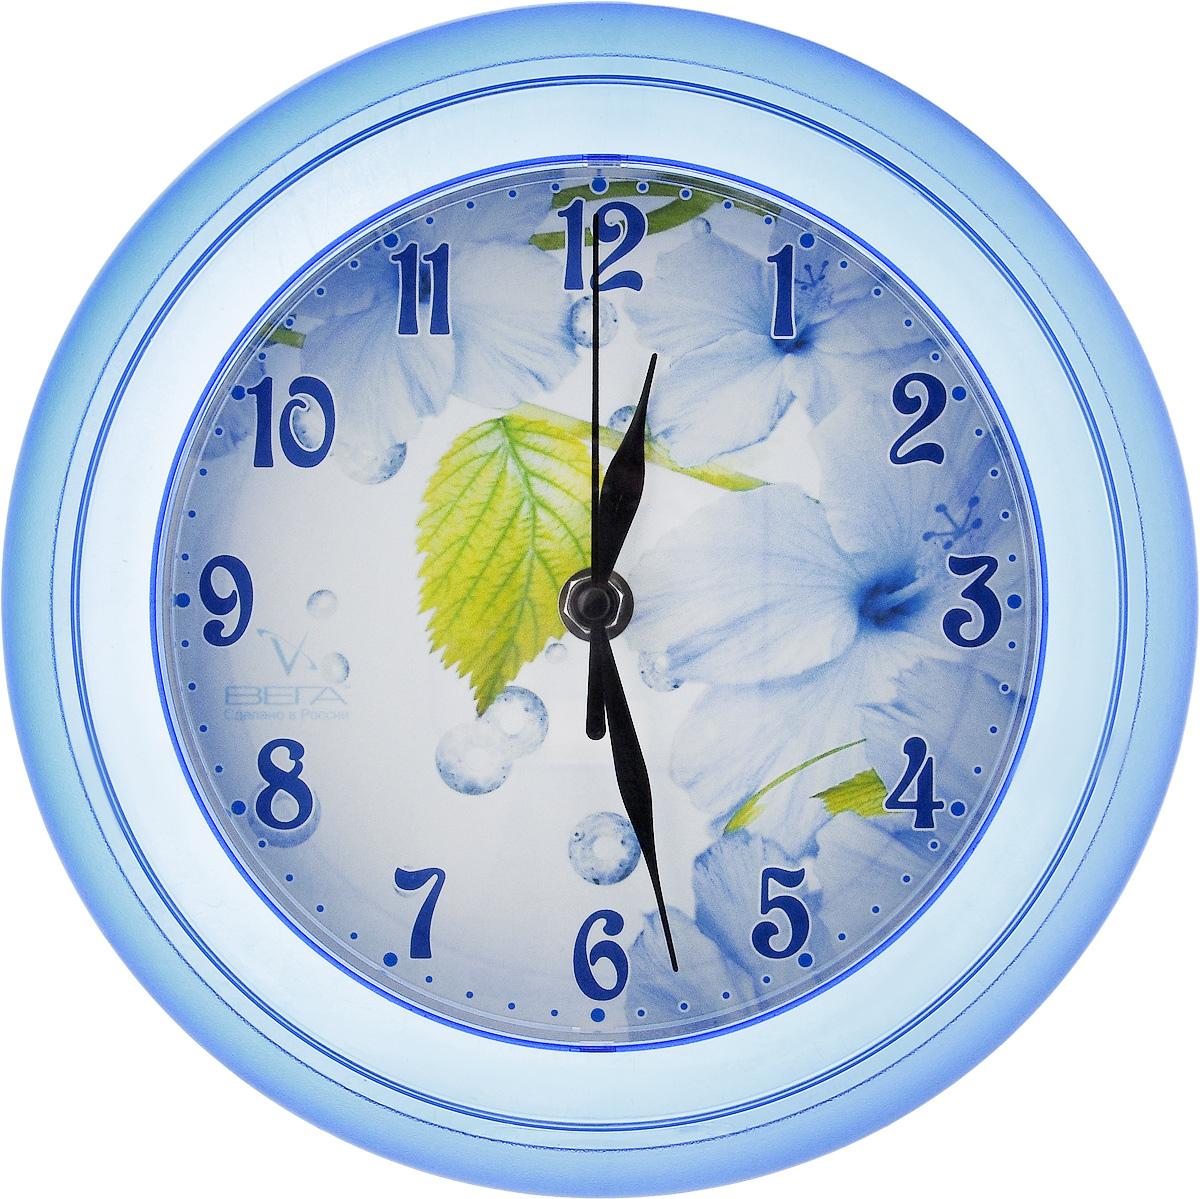 Часы настенные Вега Листок, диаметр 22,5 смП6-4-3Настенные кварцевые часы Вега Листок в классическом дизайне, изготовленные из пластика, прекрасно впишутся в интерьер вашего дома. Круглые часы имеют три стрелки: часовую, минутную и секундную, циферблат защищен прозрачным стеклом. Часы работают от 1 батарейки типа АА напряжением 1,5 В (не входит в комплект). Диаметр часов: 22,5 см.